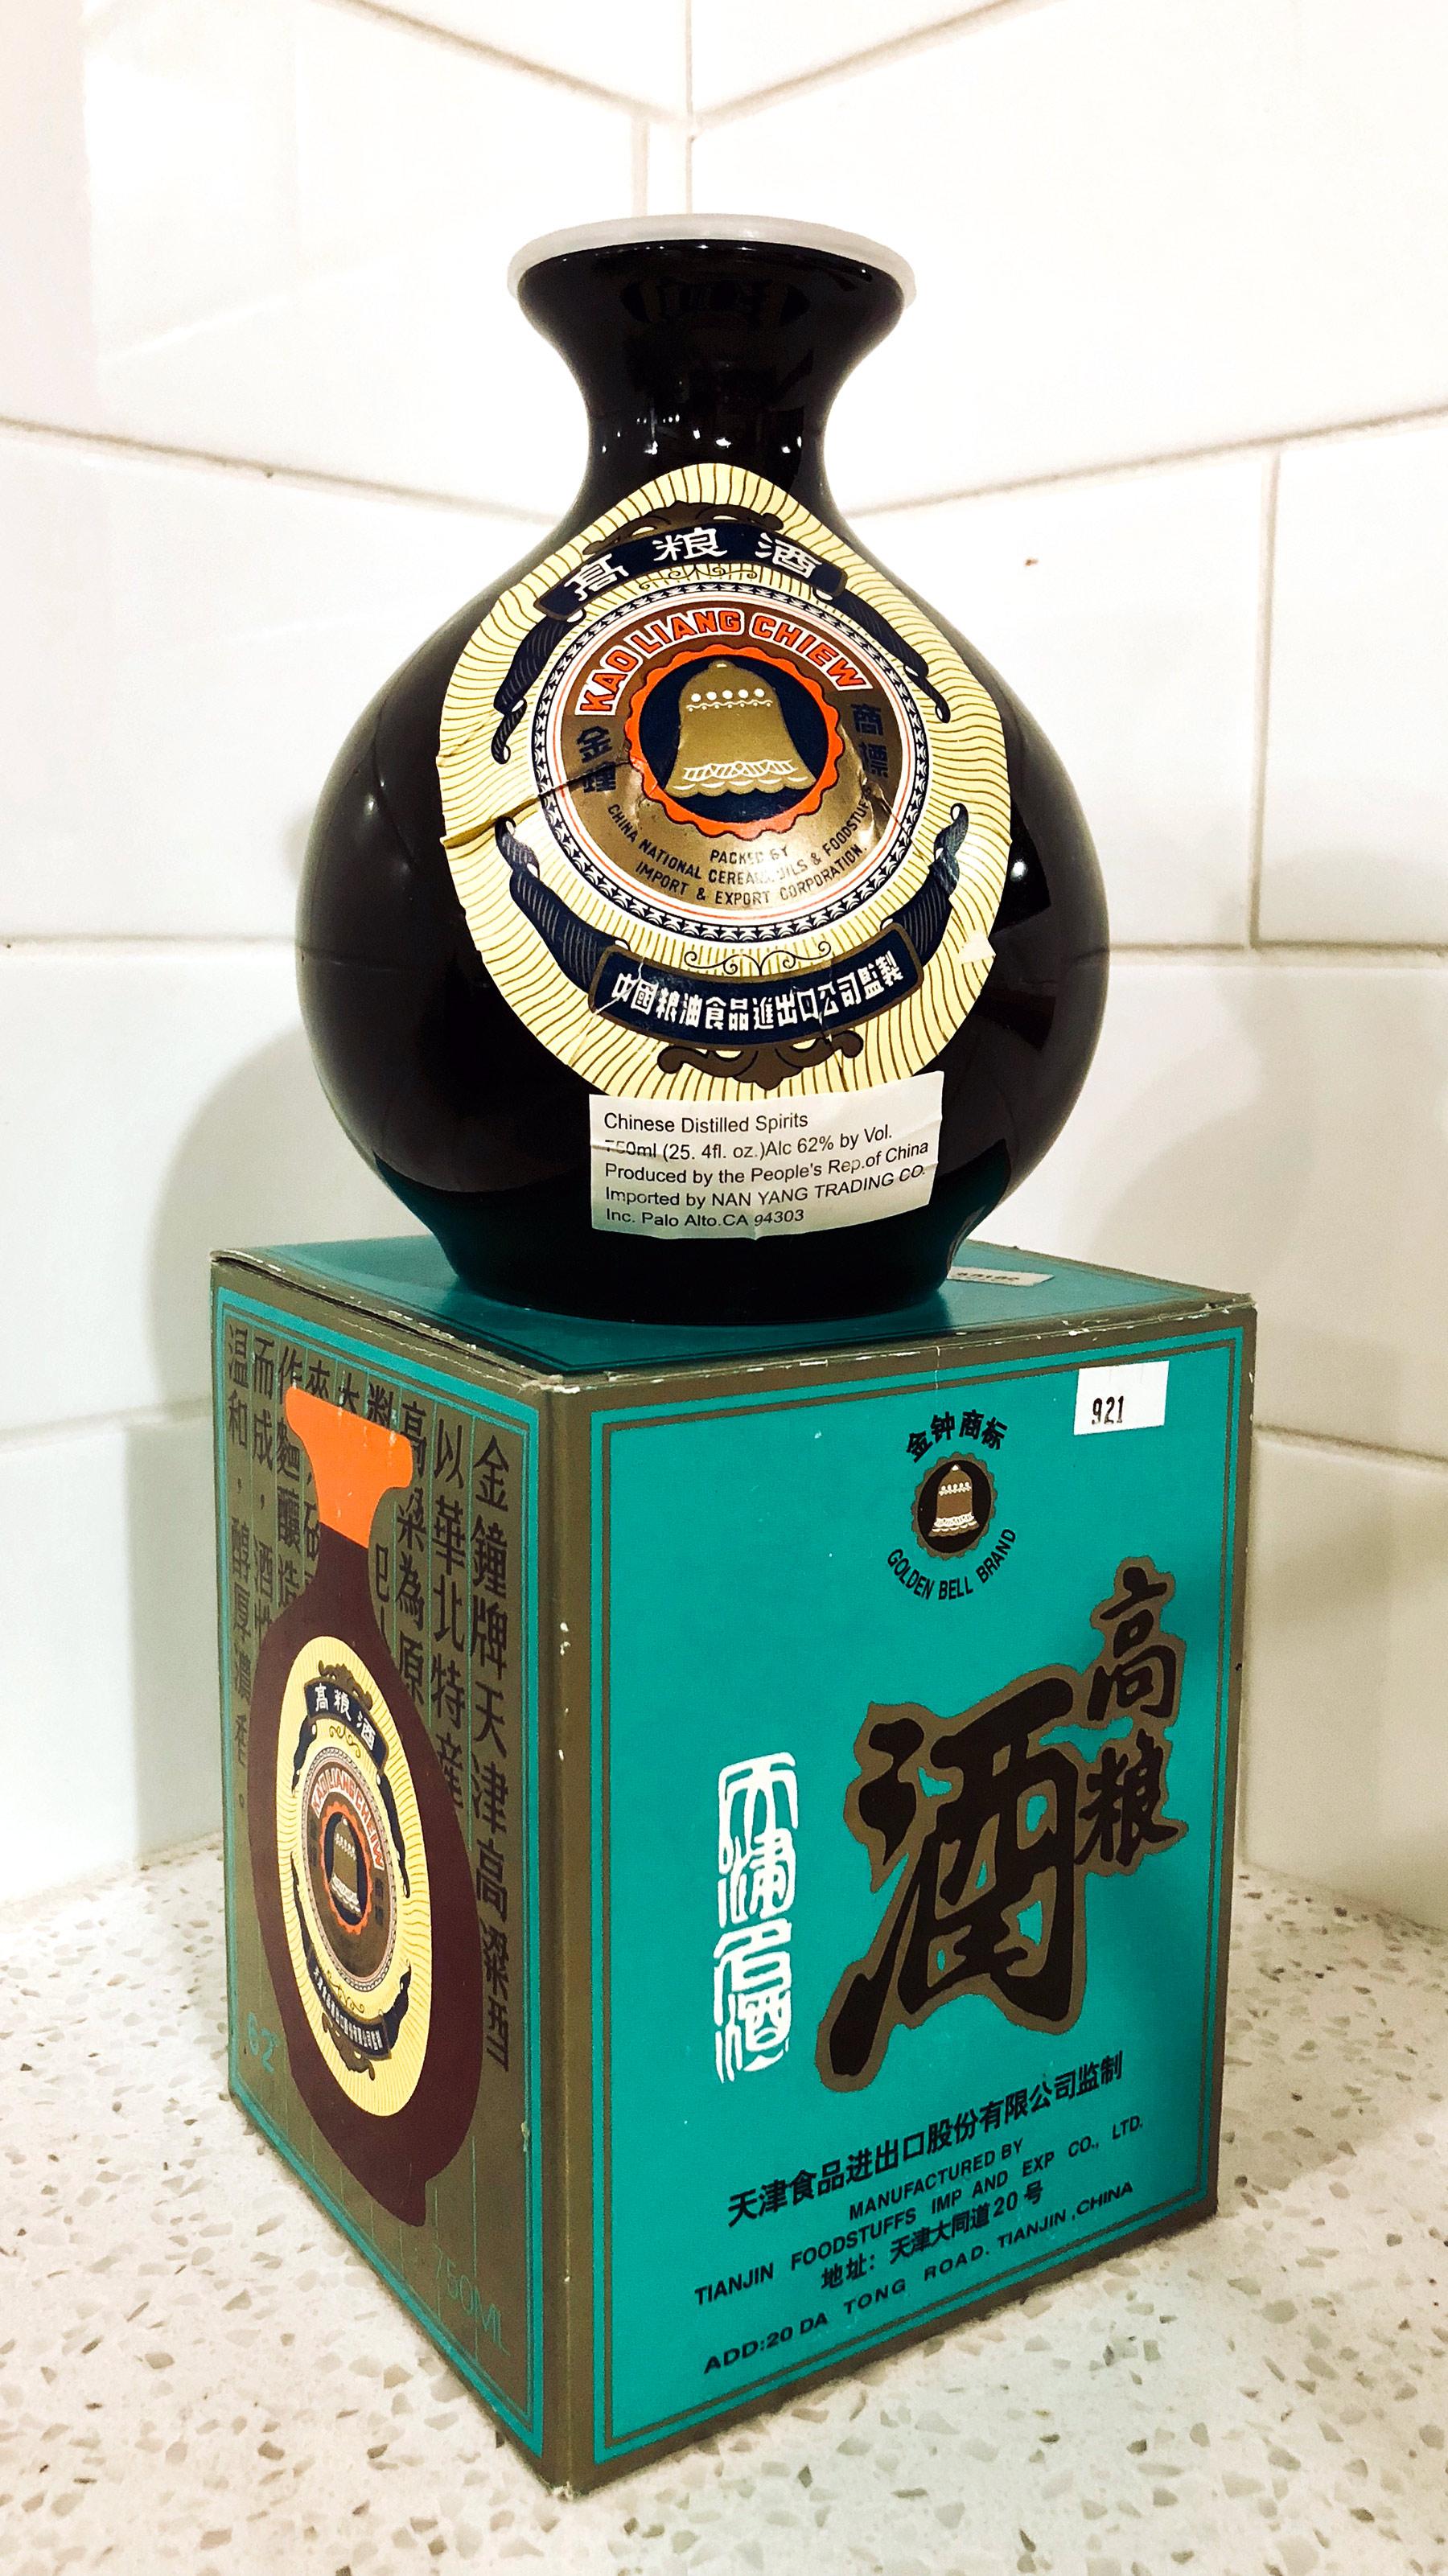 Golden Bell Kaoliang baijiu kao liang chiew